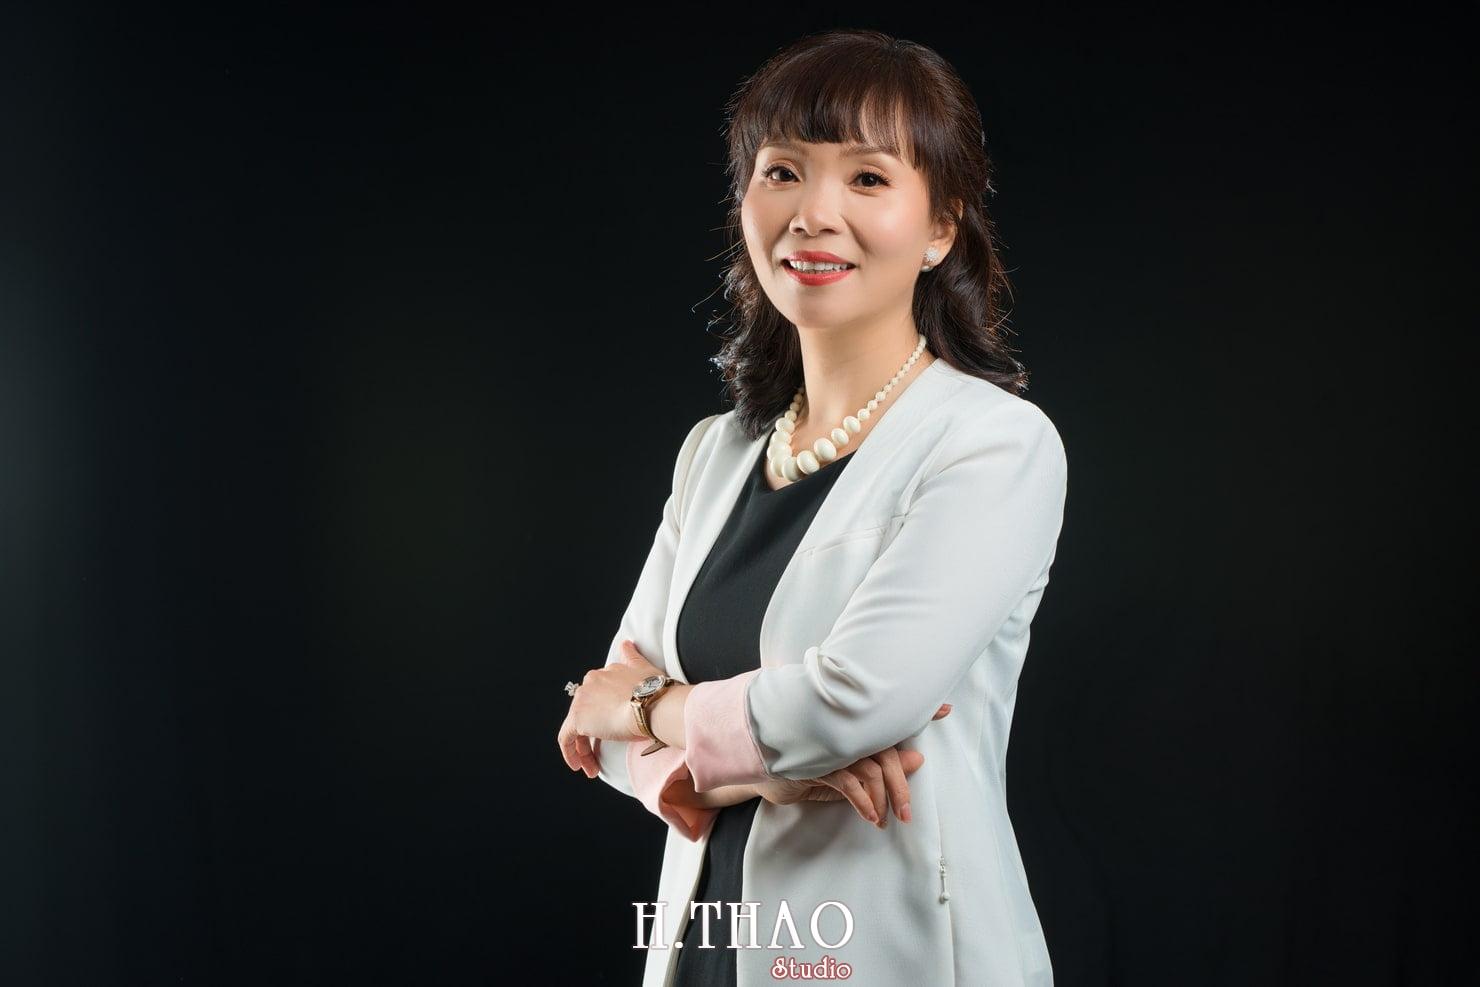 Chi Quynh 5 - Bộ ảnh Doanh nhân, Tiến sĩ V.T.B Quỳnh đẹp, sang trọng - HThao Studio